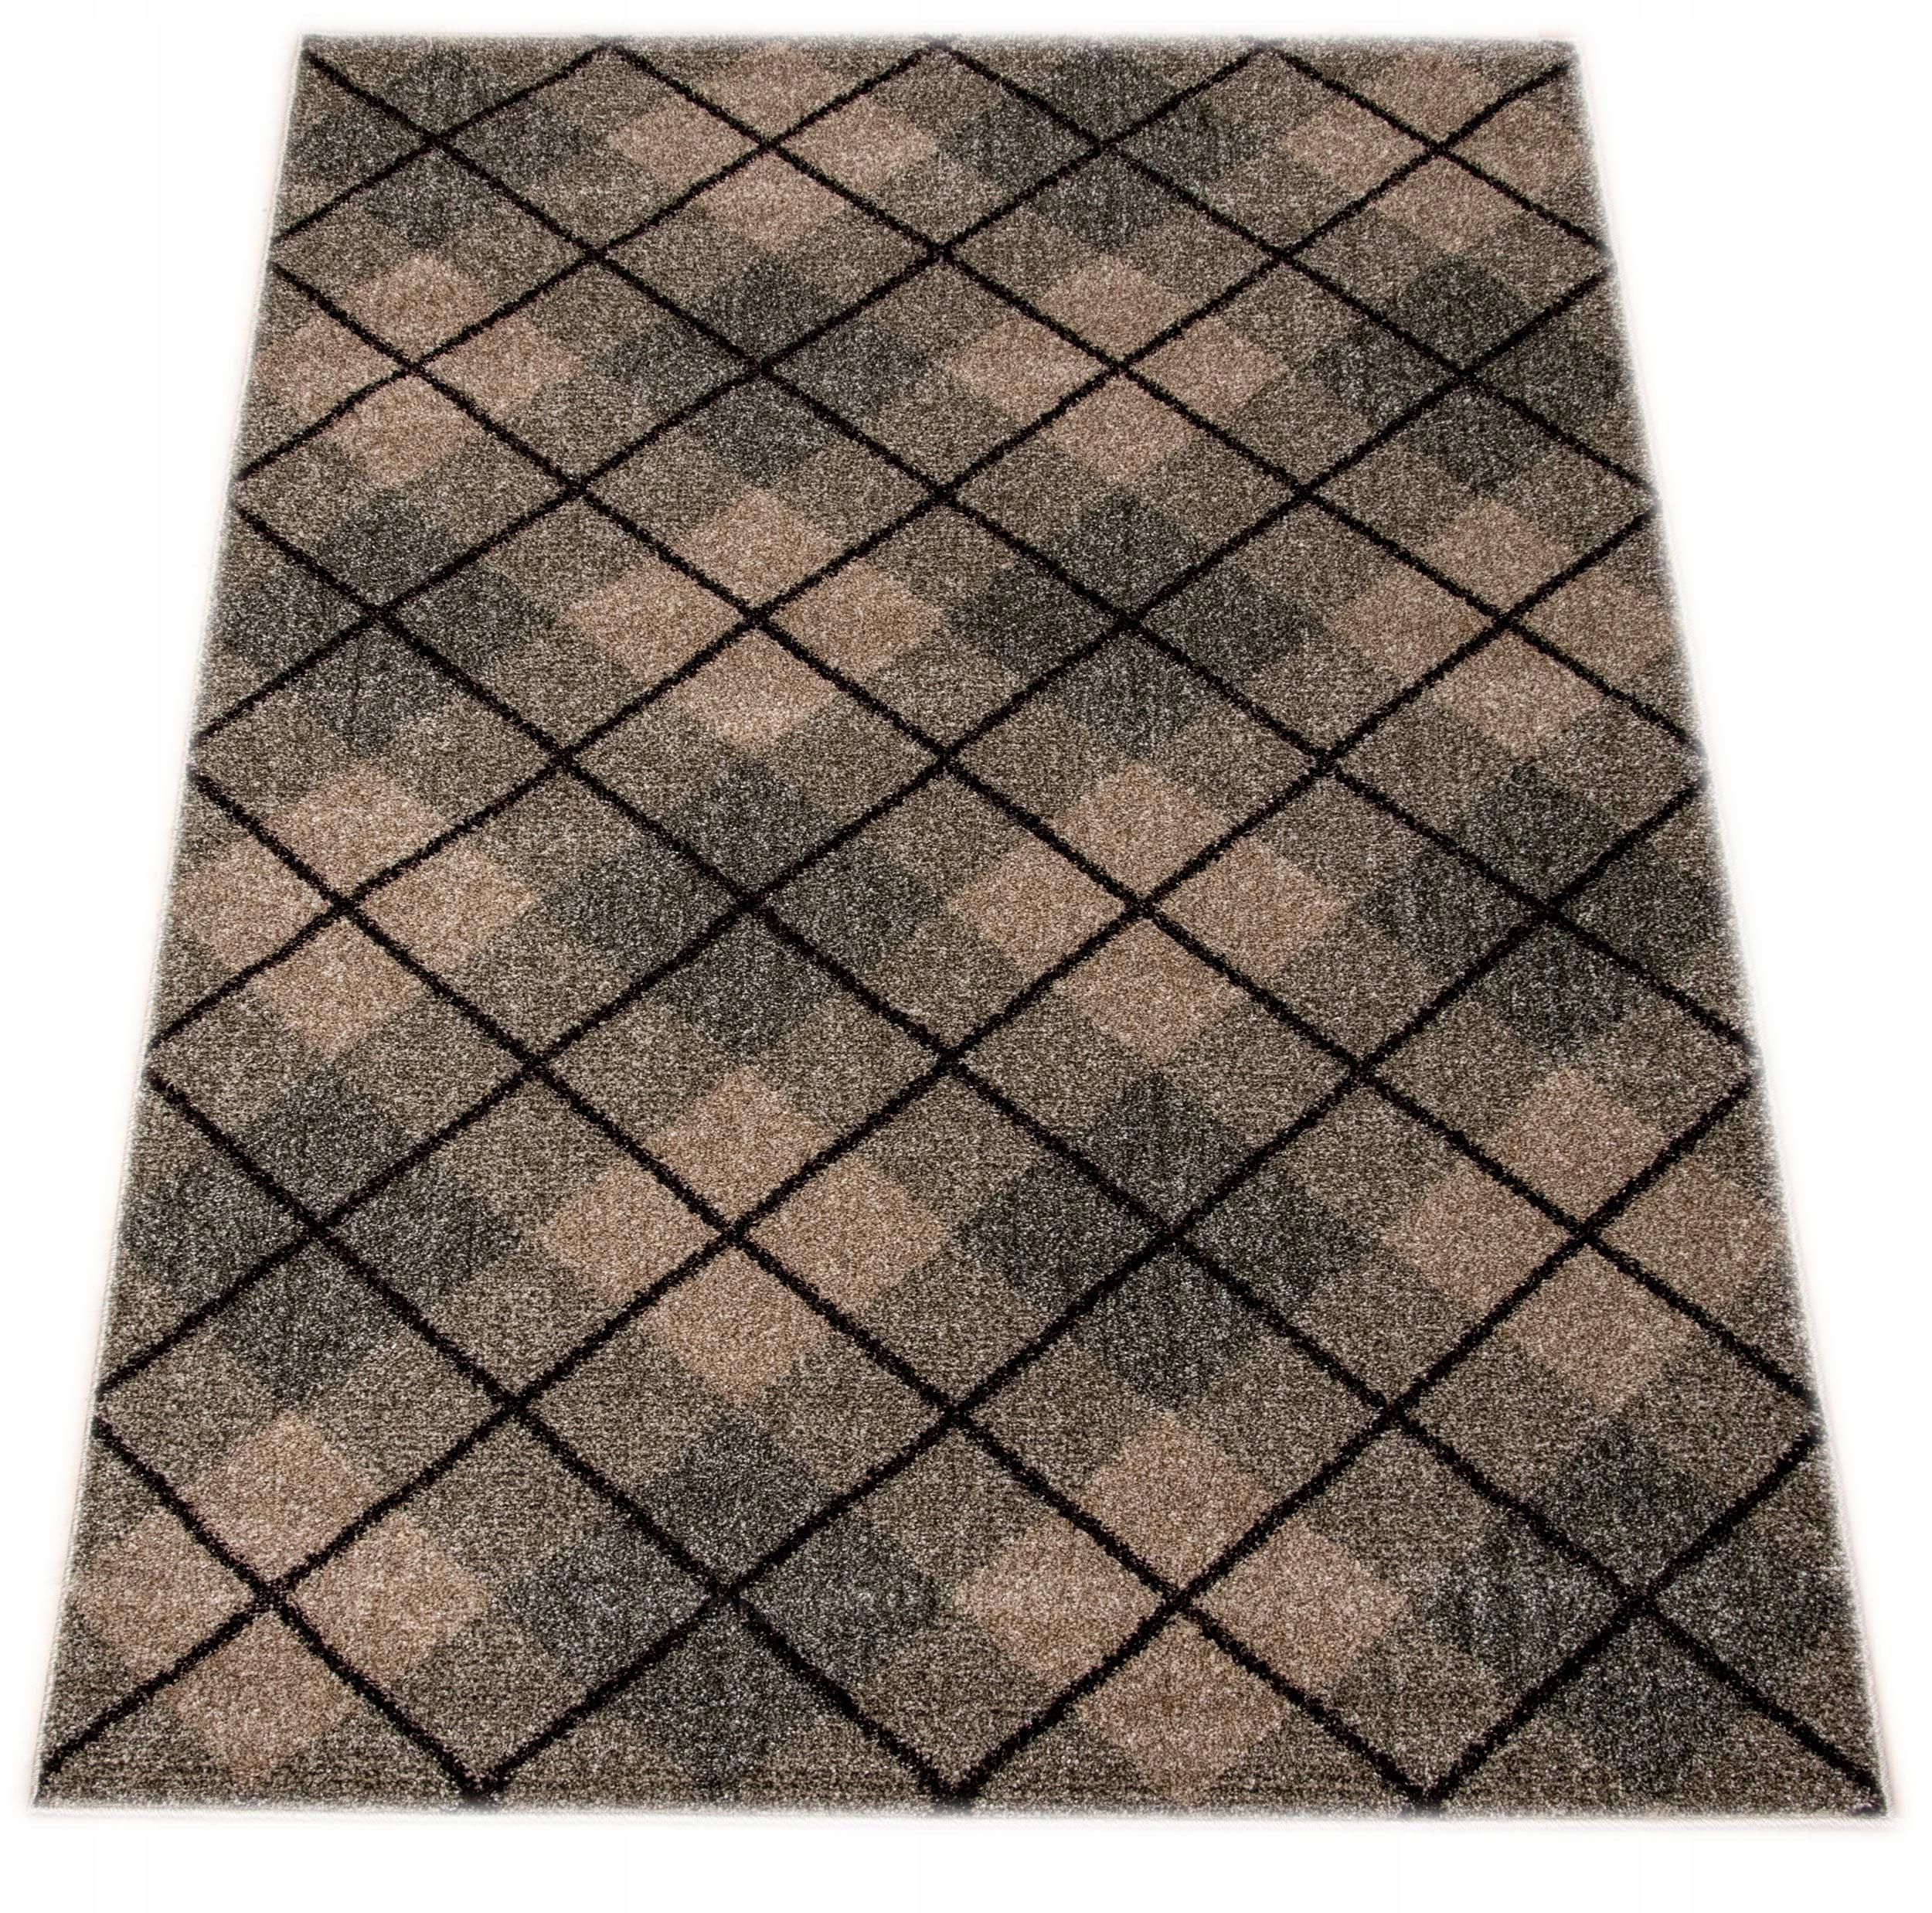 Koberec Aspekt 1.6 x 2.2 sm Vintage betónu